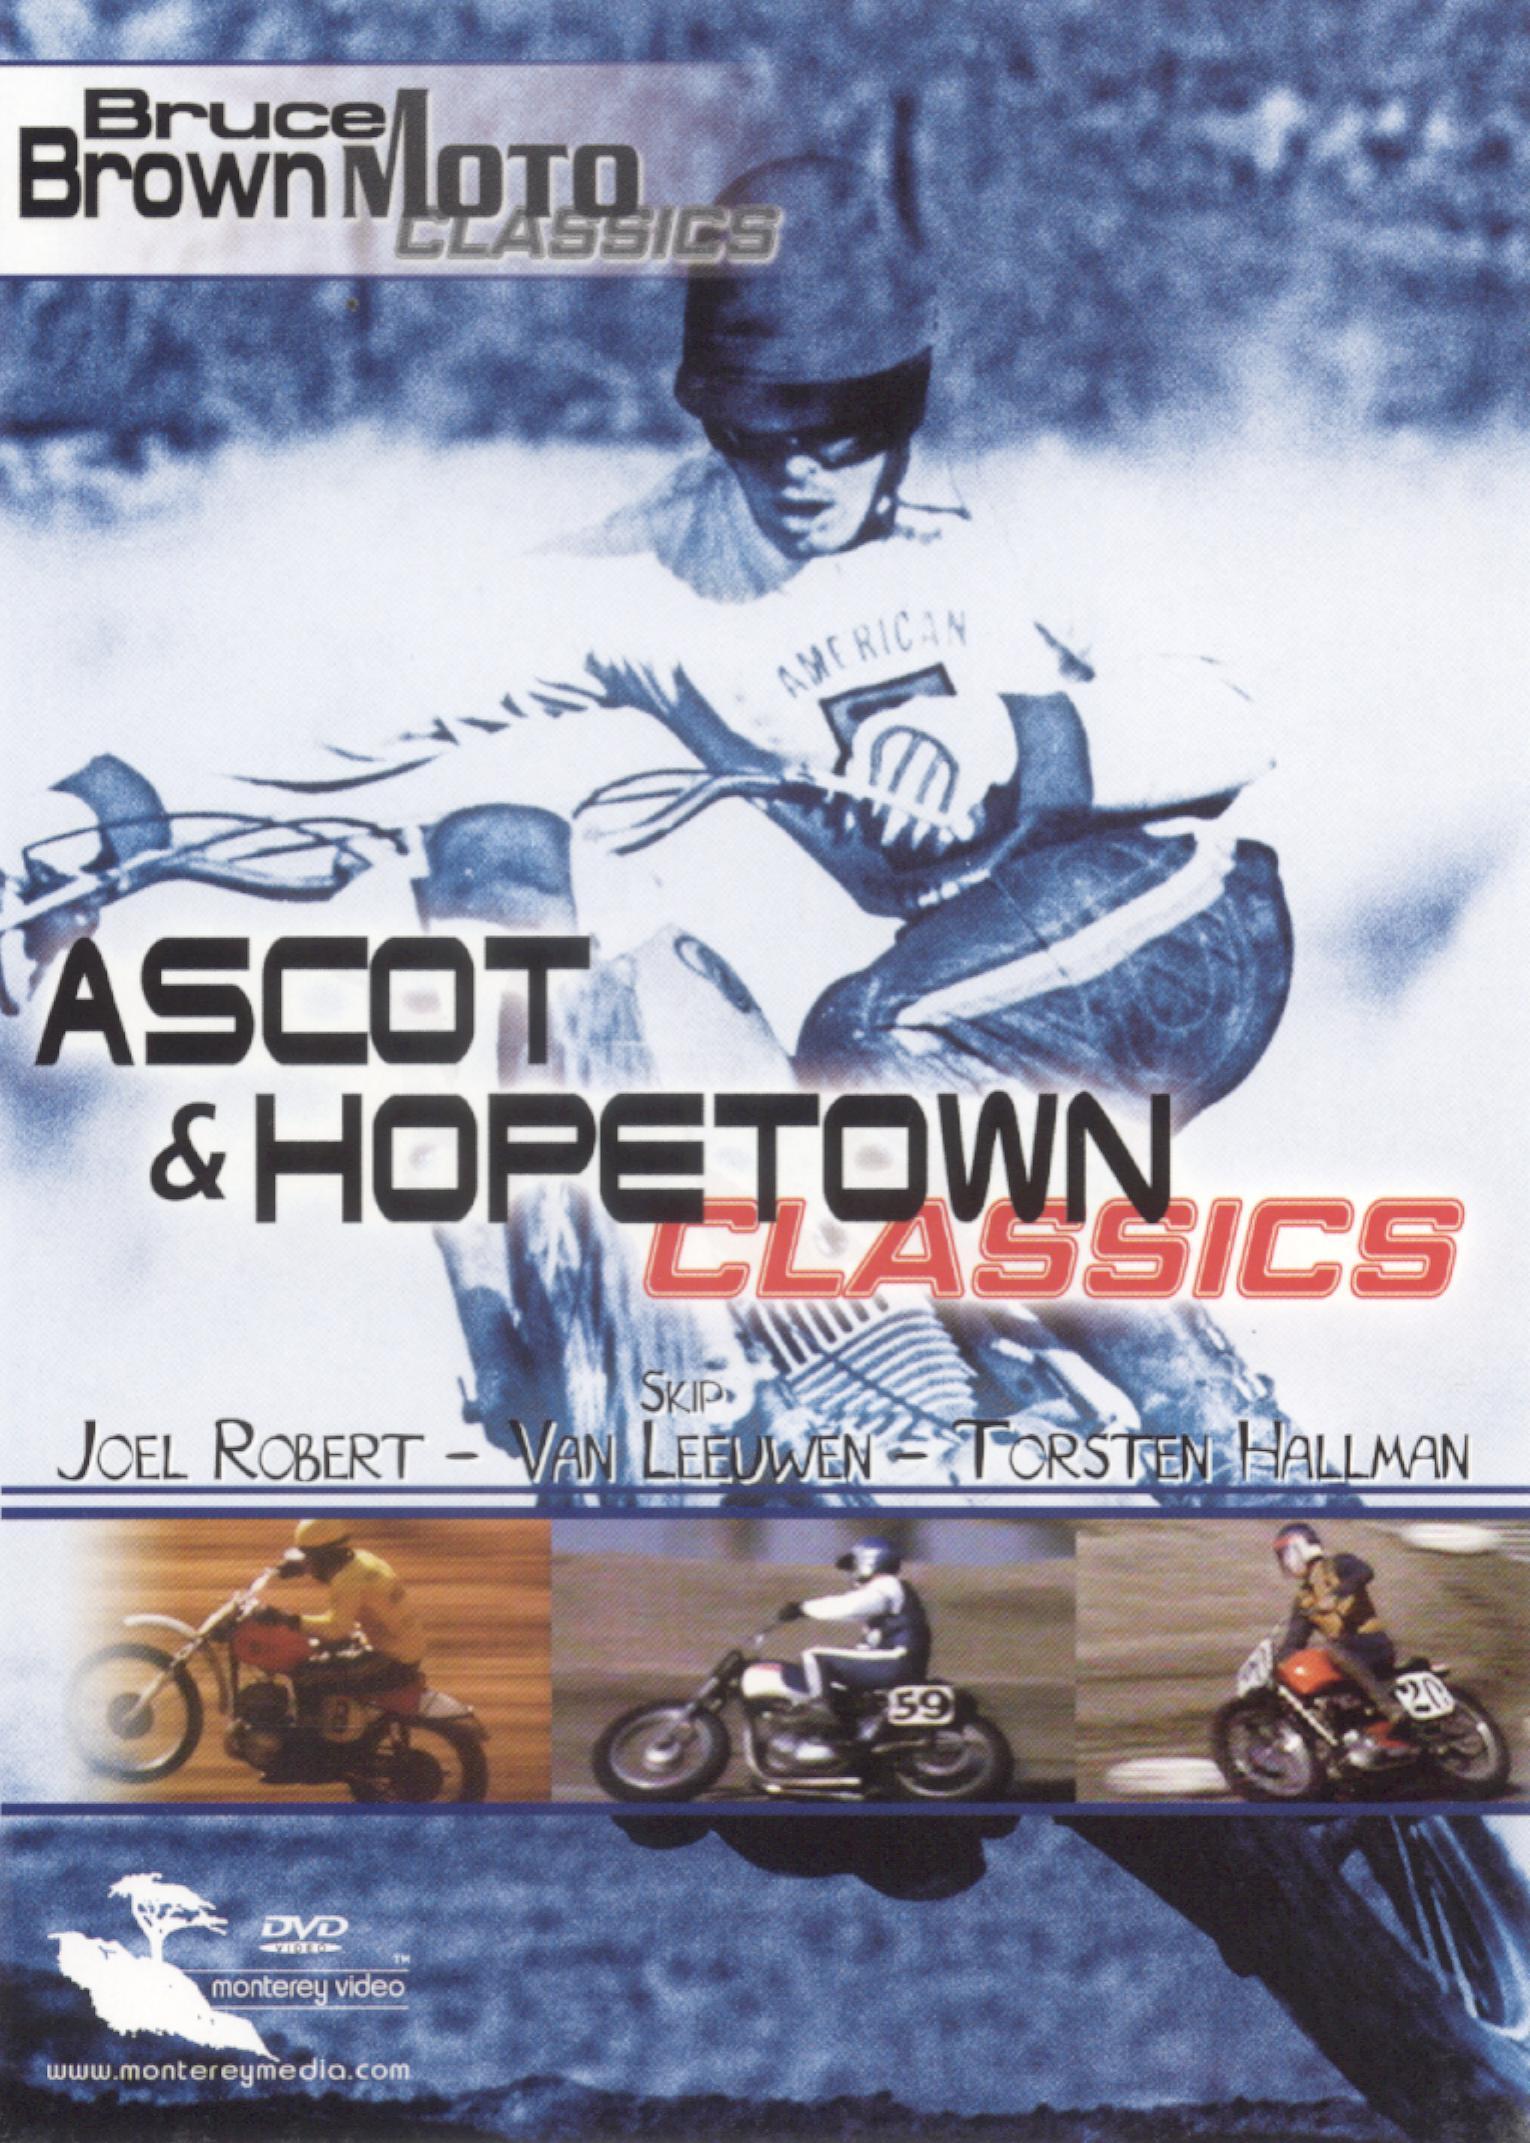 Bruce Brown Moto Classics: Ascot and Hoptetown Classics